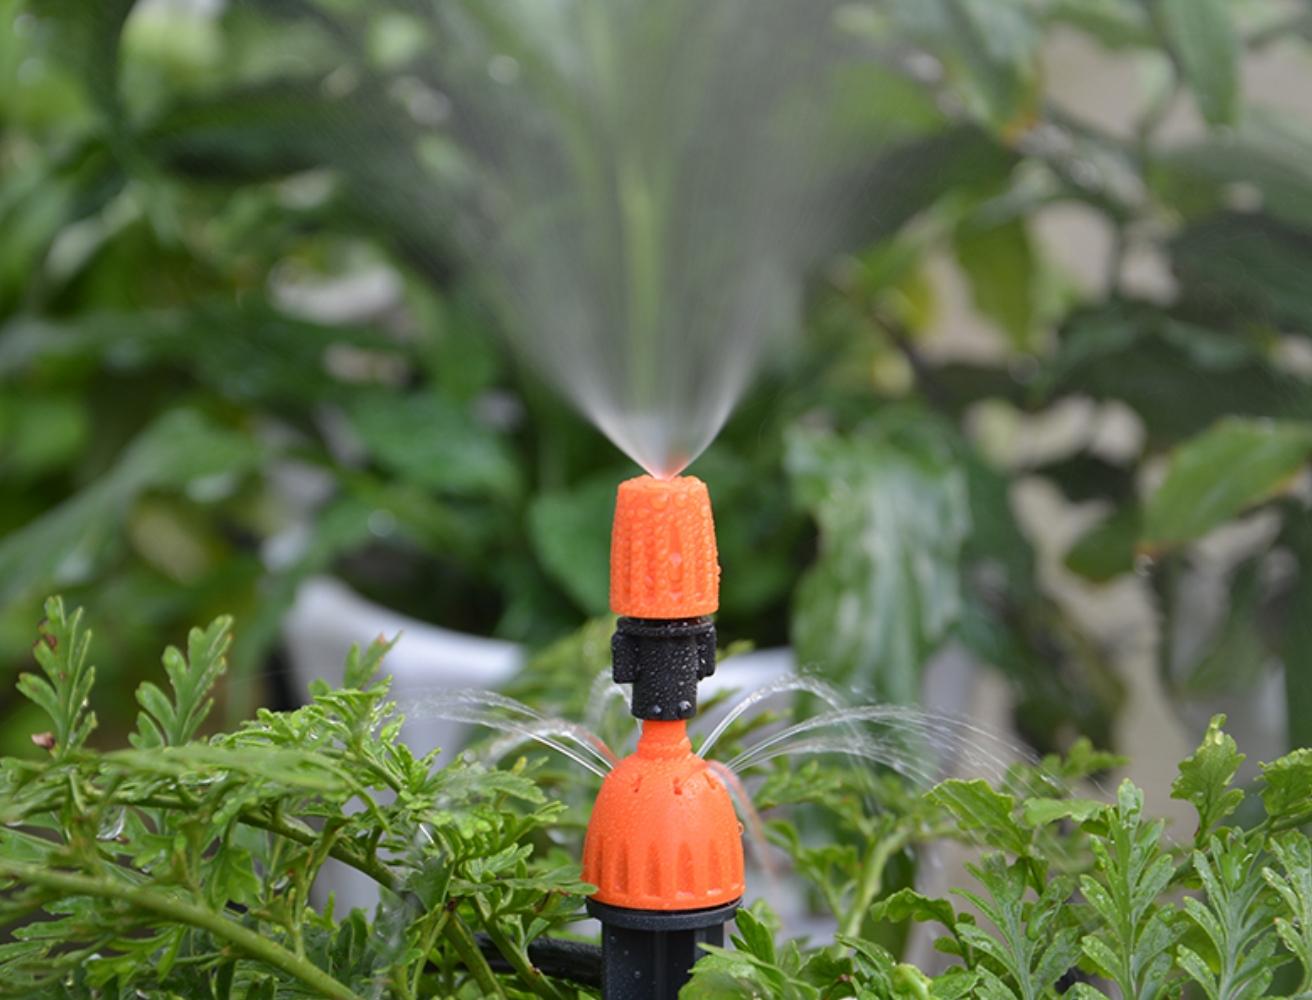 Drop and spray nozzle